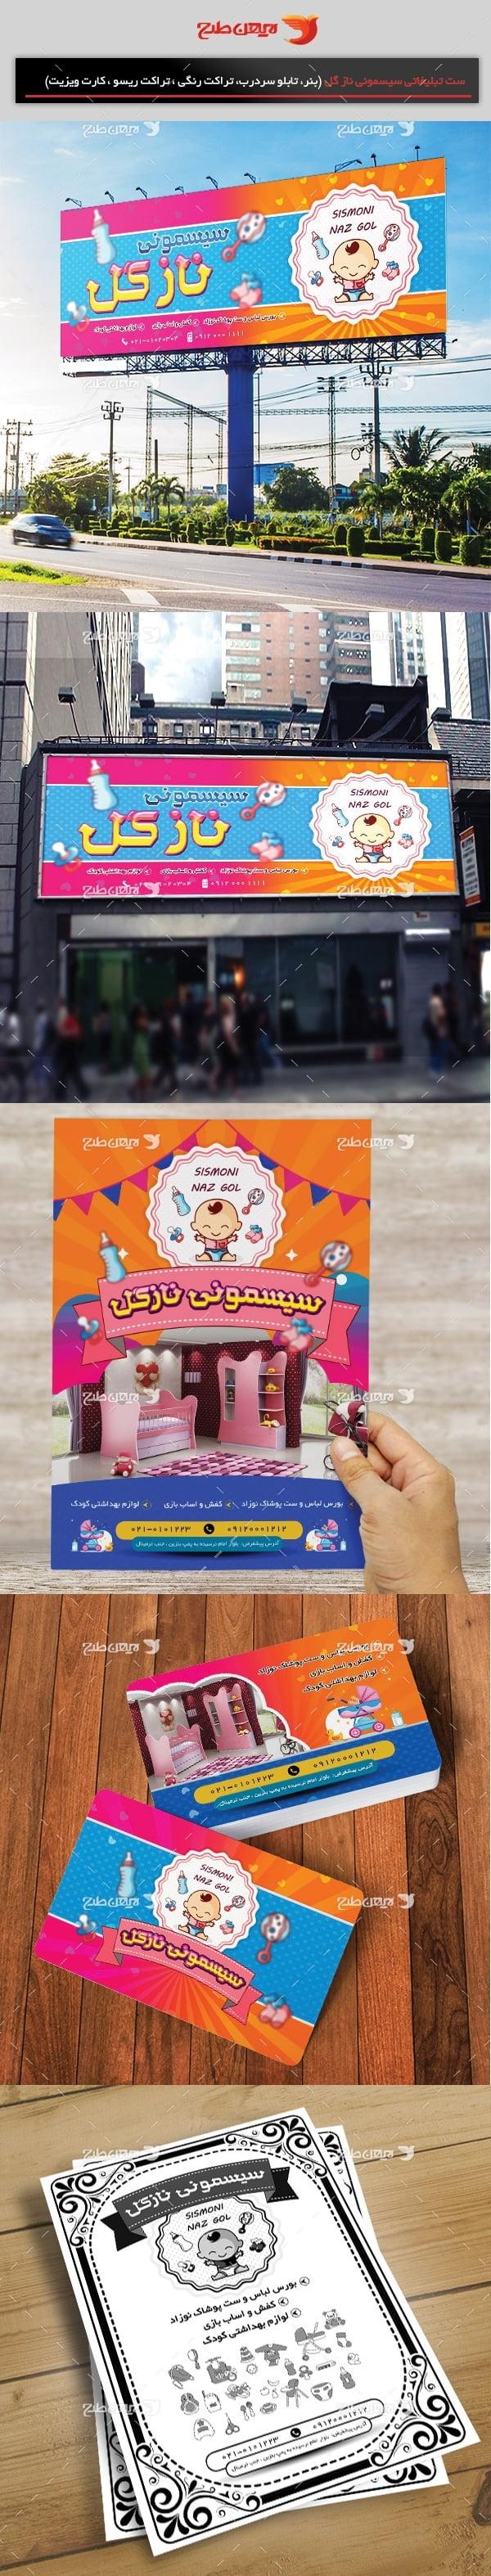 طرح های لایه باز ست تبلیغاتی سیسمونی نازگل (تراکت رنگی، کارت ویزیت، تابلو سردرب ، تراکت ریسو)